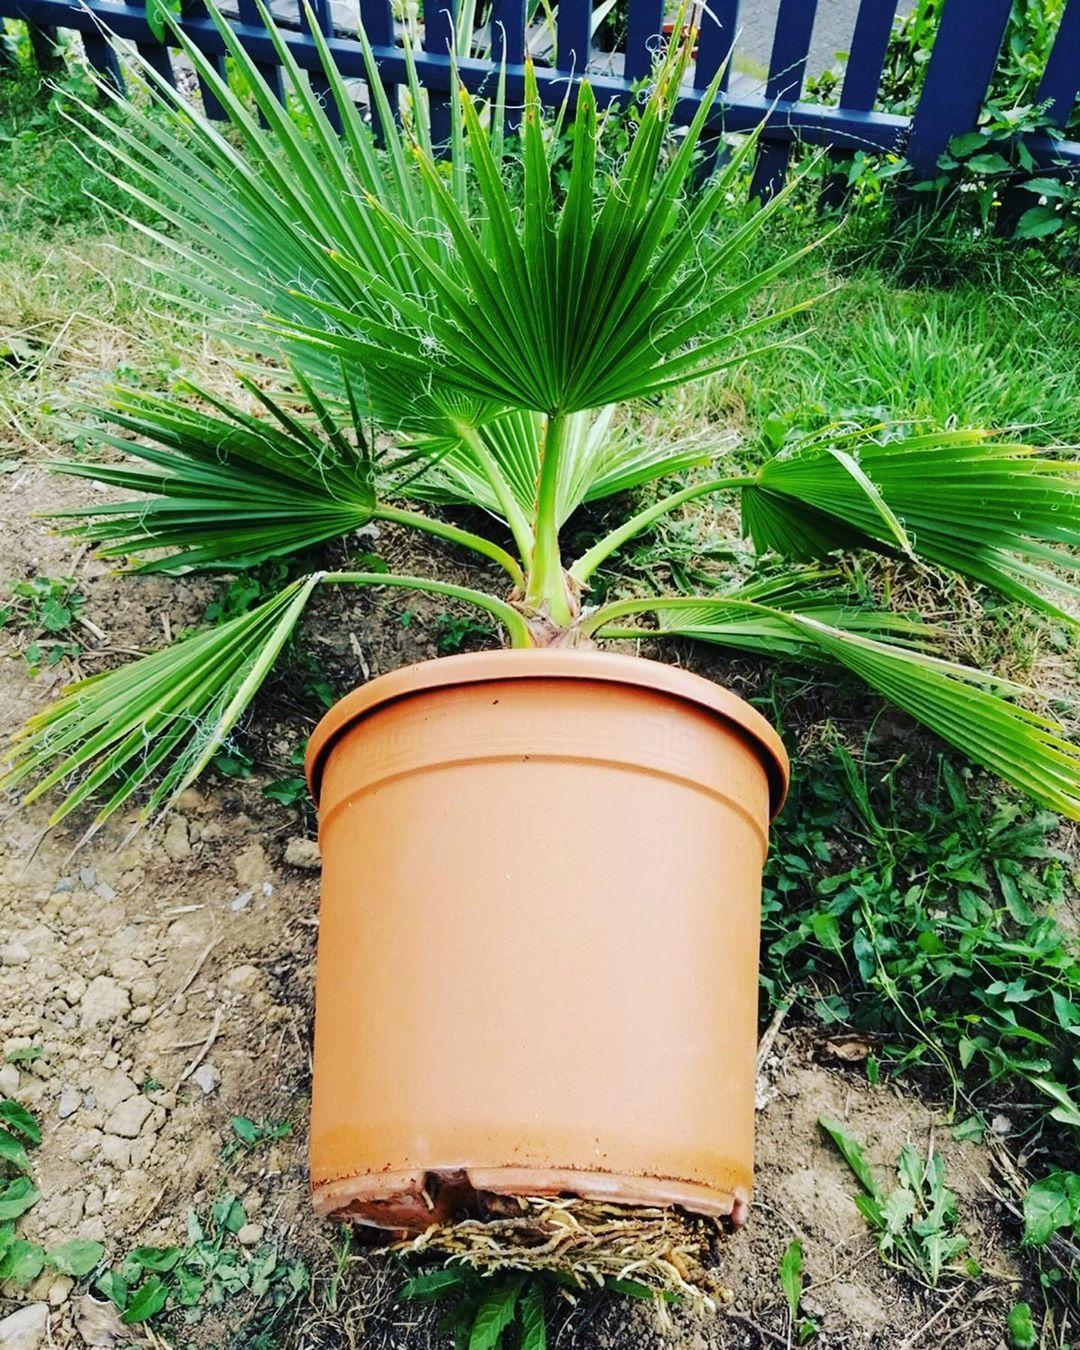 Manchmal Ist Es Zeit Zeit Fur Einen Umzug Diese Washingtonia Hat Sichtbar An Wurzeln Zugelegt Und Wenn Es So Aussieht Muss Garten Ideen Garten Palmen